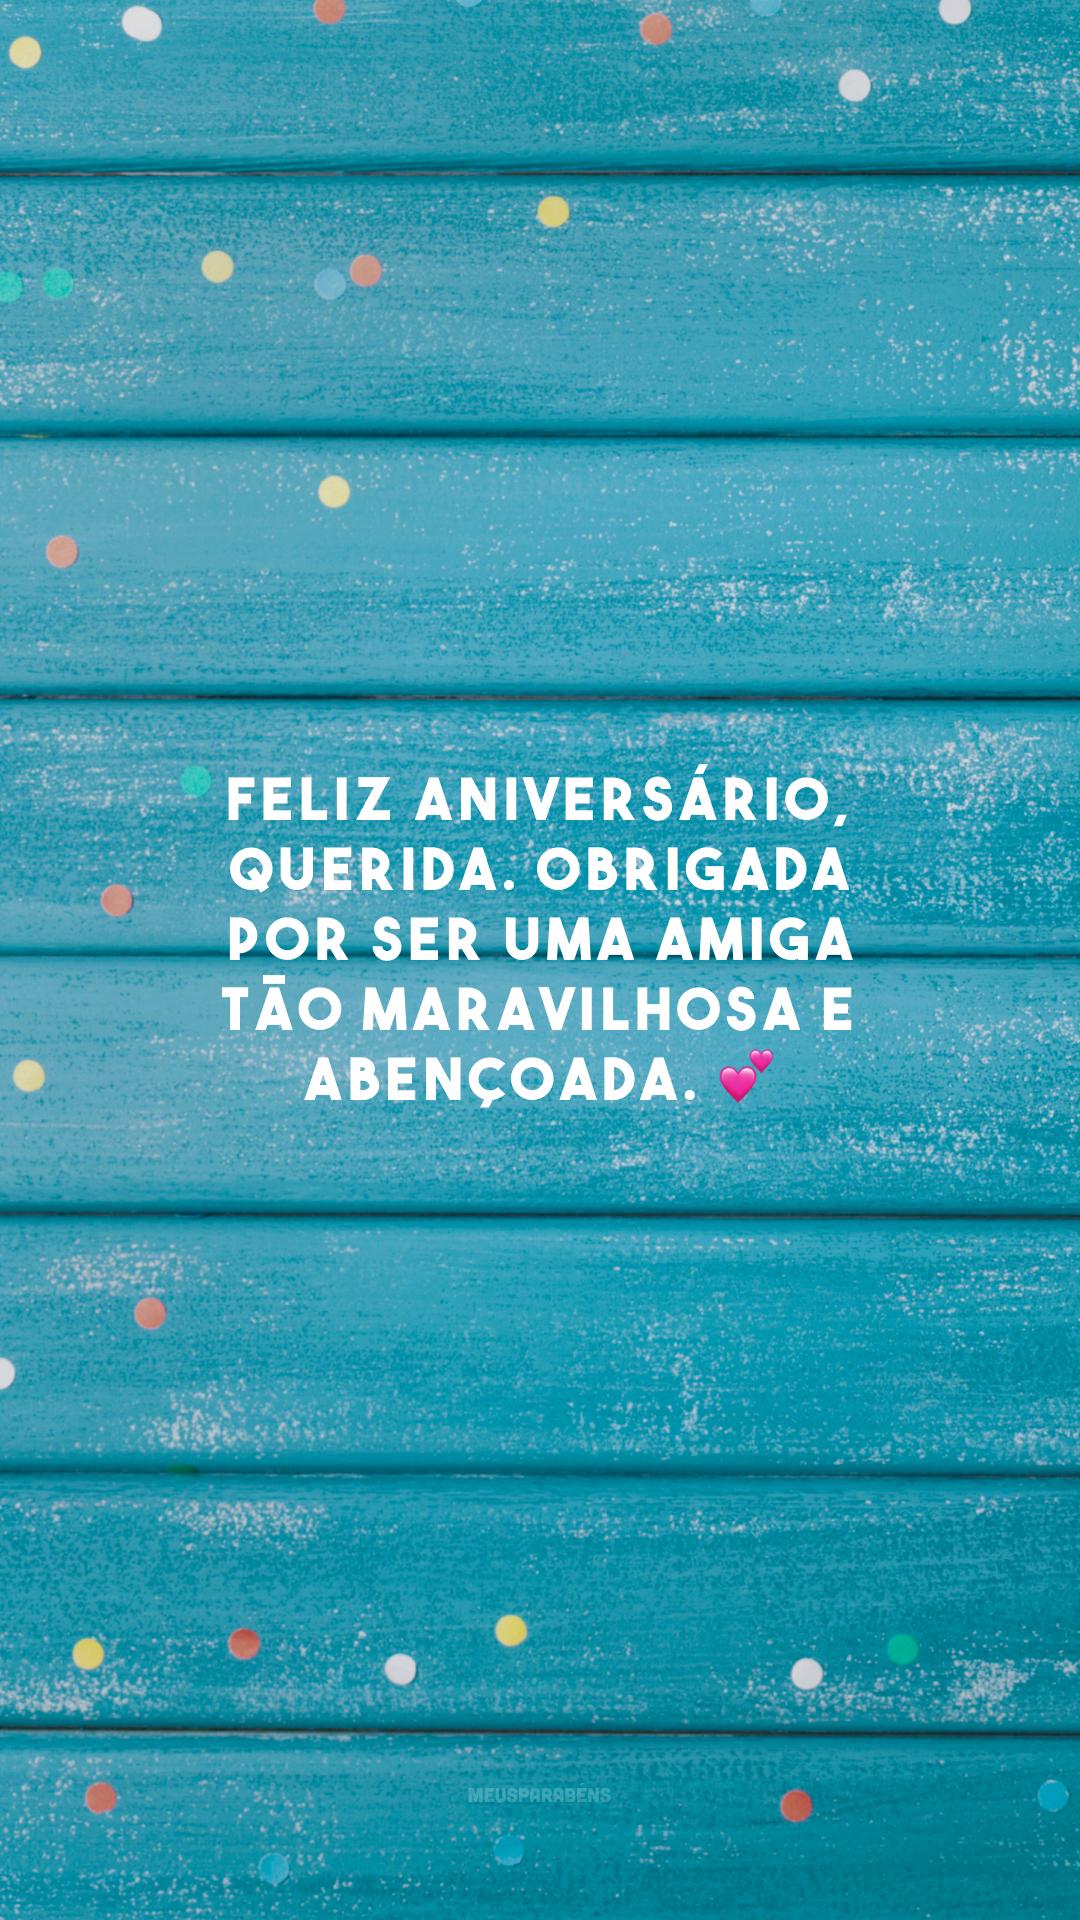 Feliz aniversário, querida. Obrigada por ser uma amiga tão maravilhosa e abençoada. 💕